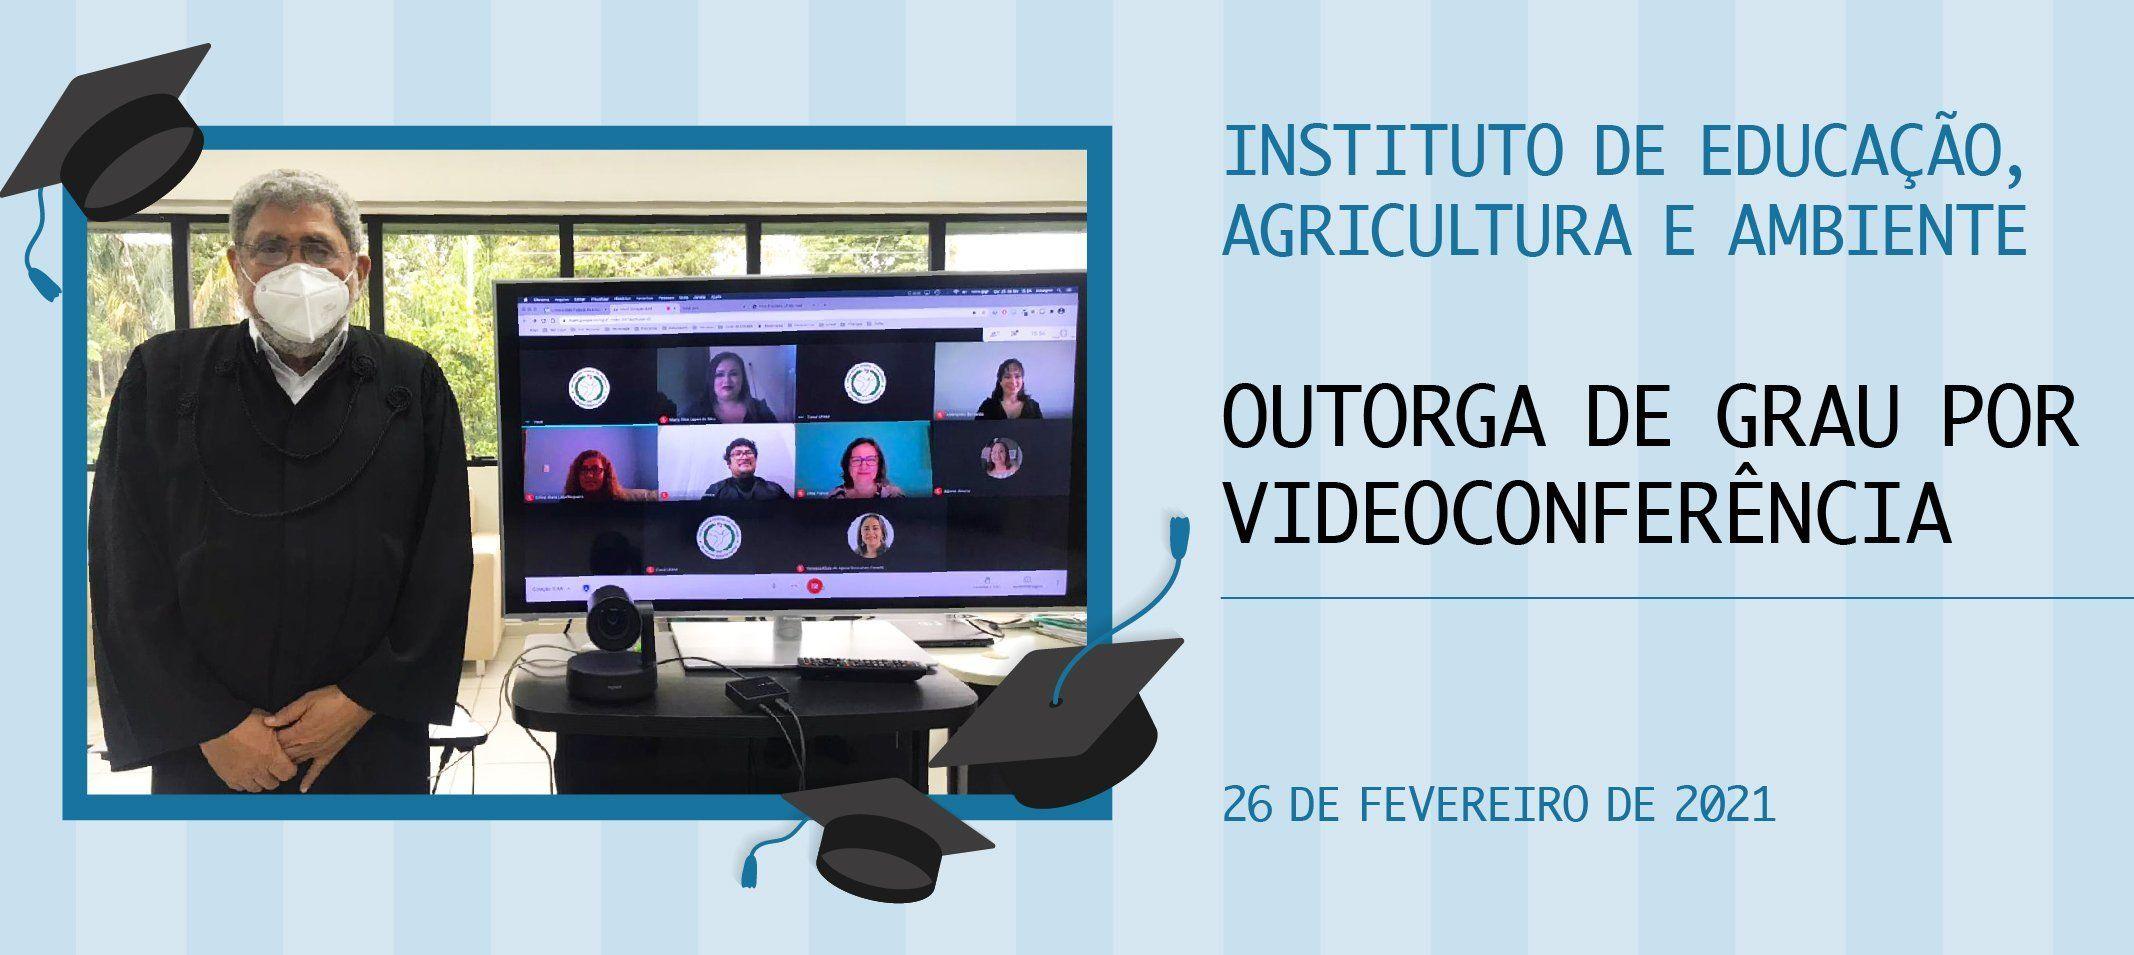 IEAA realiza colação de grau especial em videoconferência